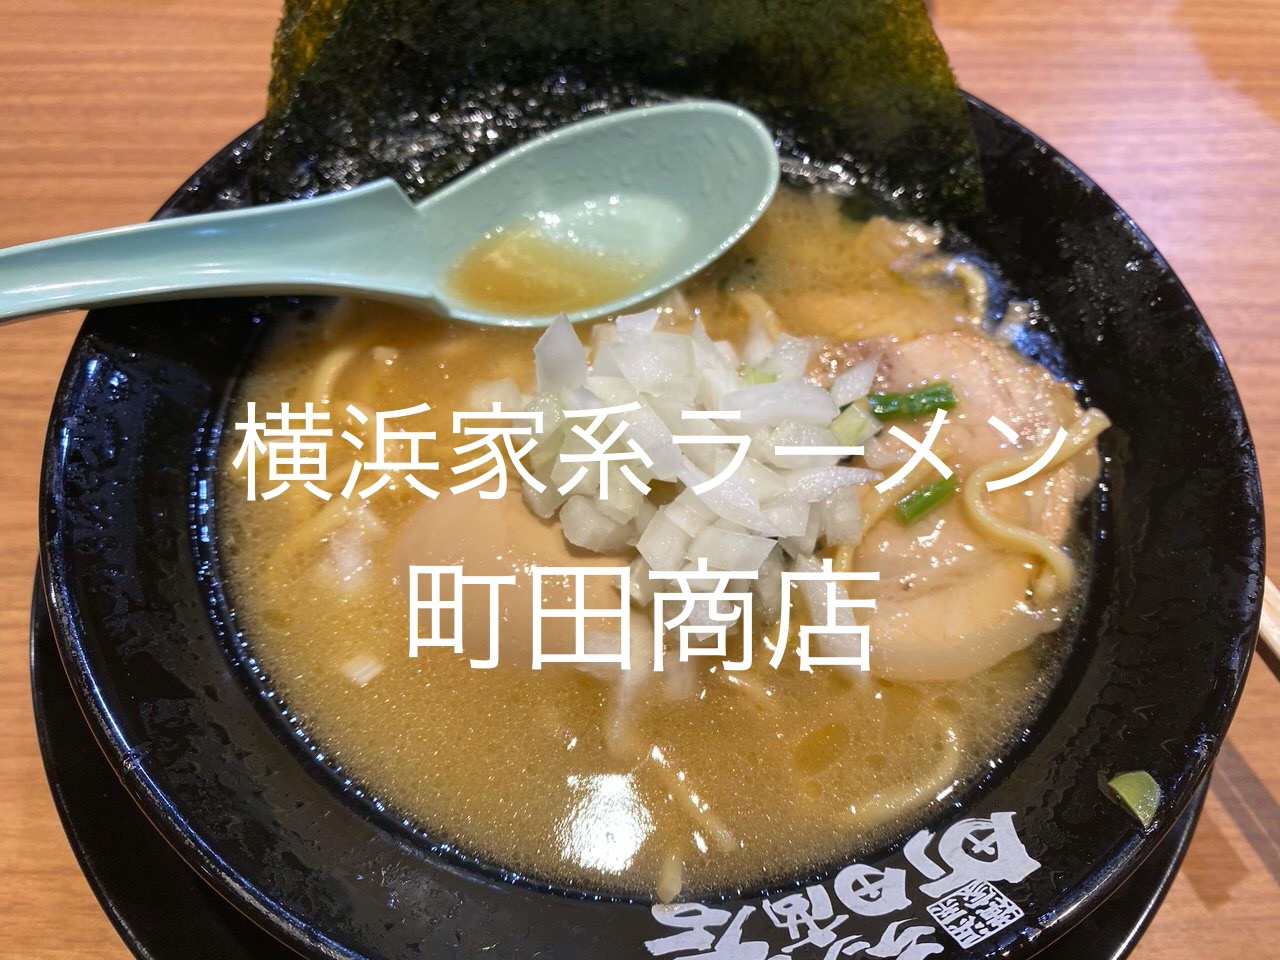 「横浜家系ラーメン 町田商店」生玉ねぎ入れ放題が嬉しい463号沿いの家系ラーメン(浦和)